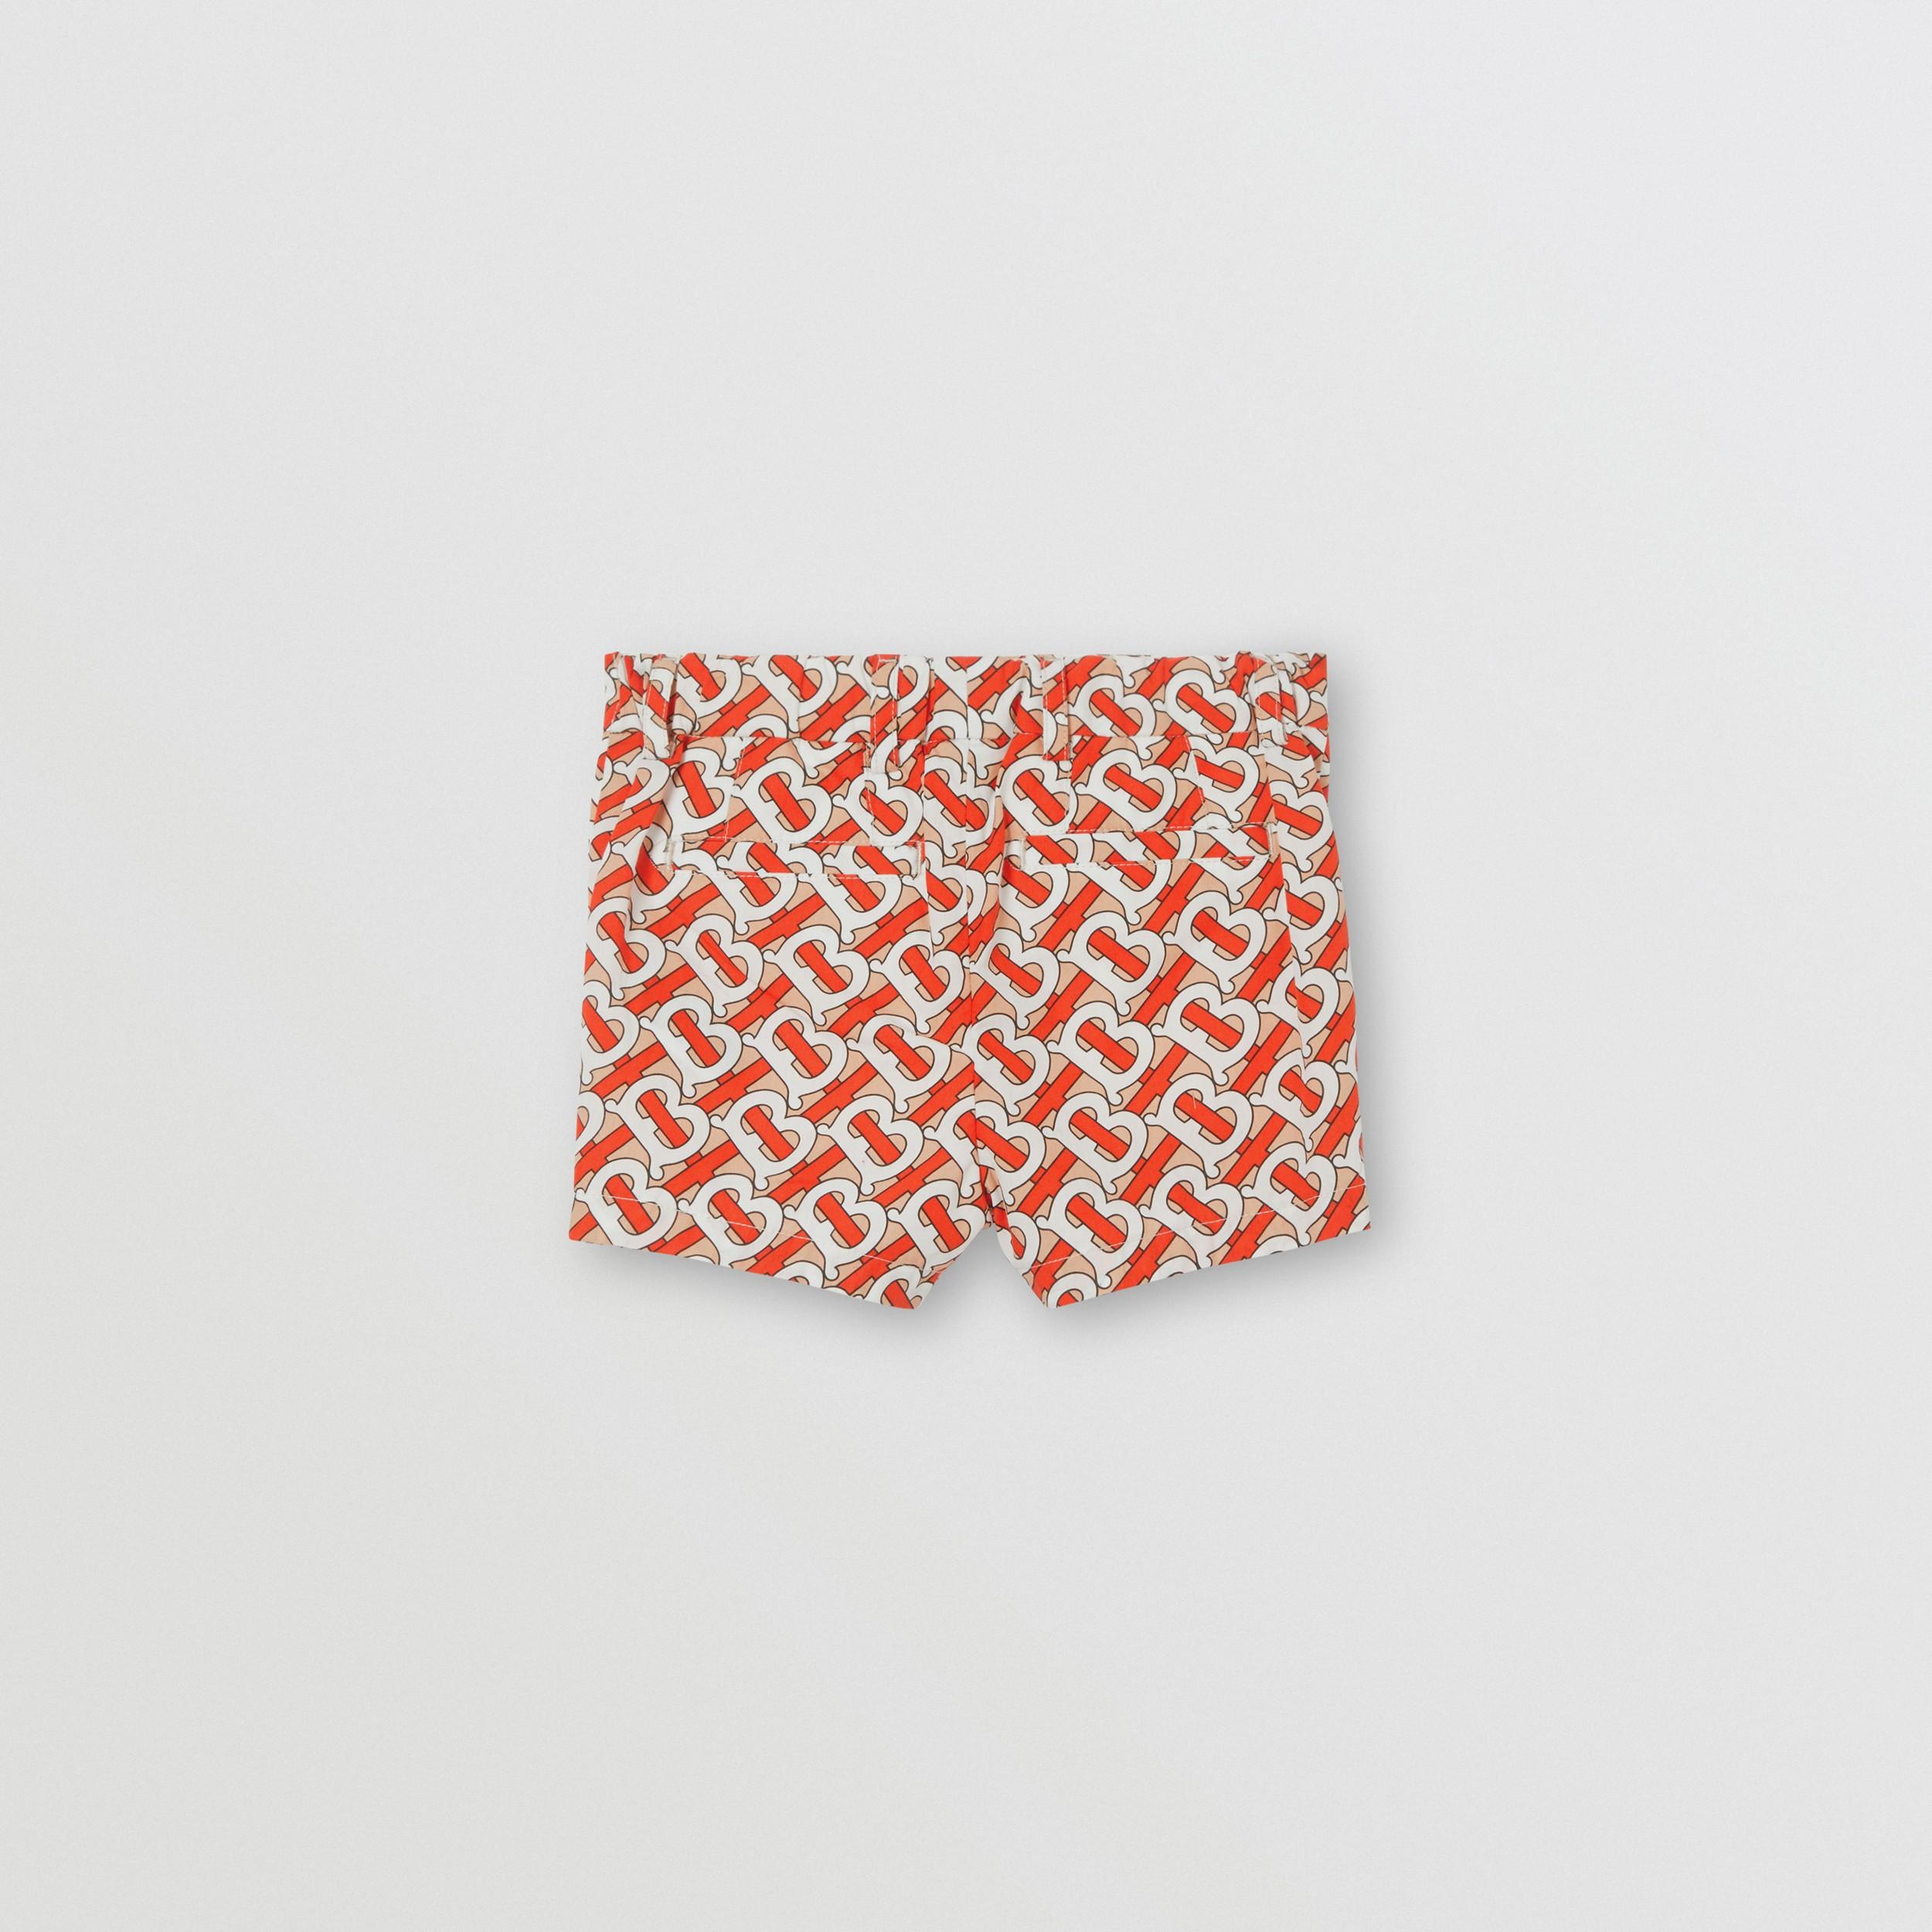 Pantalones Cortos En Popelina De Algodon Con Estampado De Monogramas Rojo Bermellon Ninos Burberry